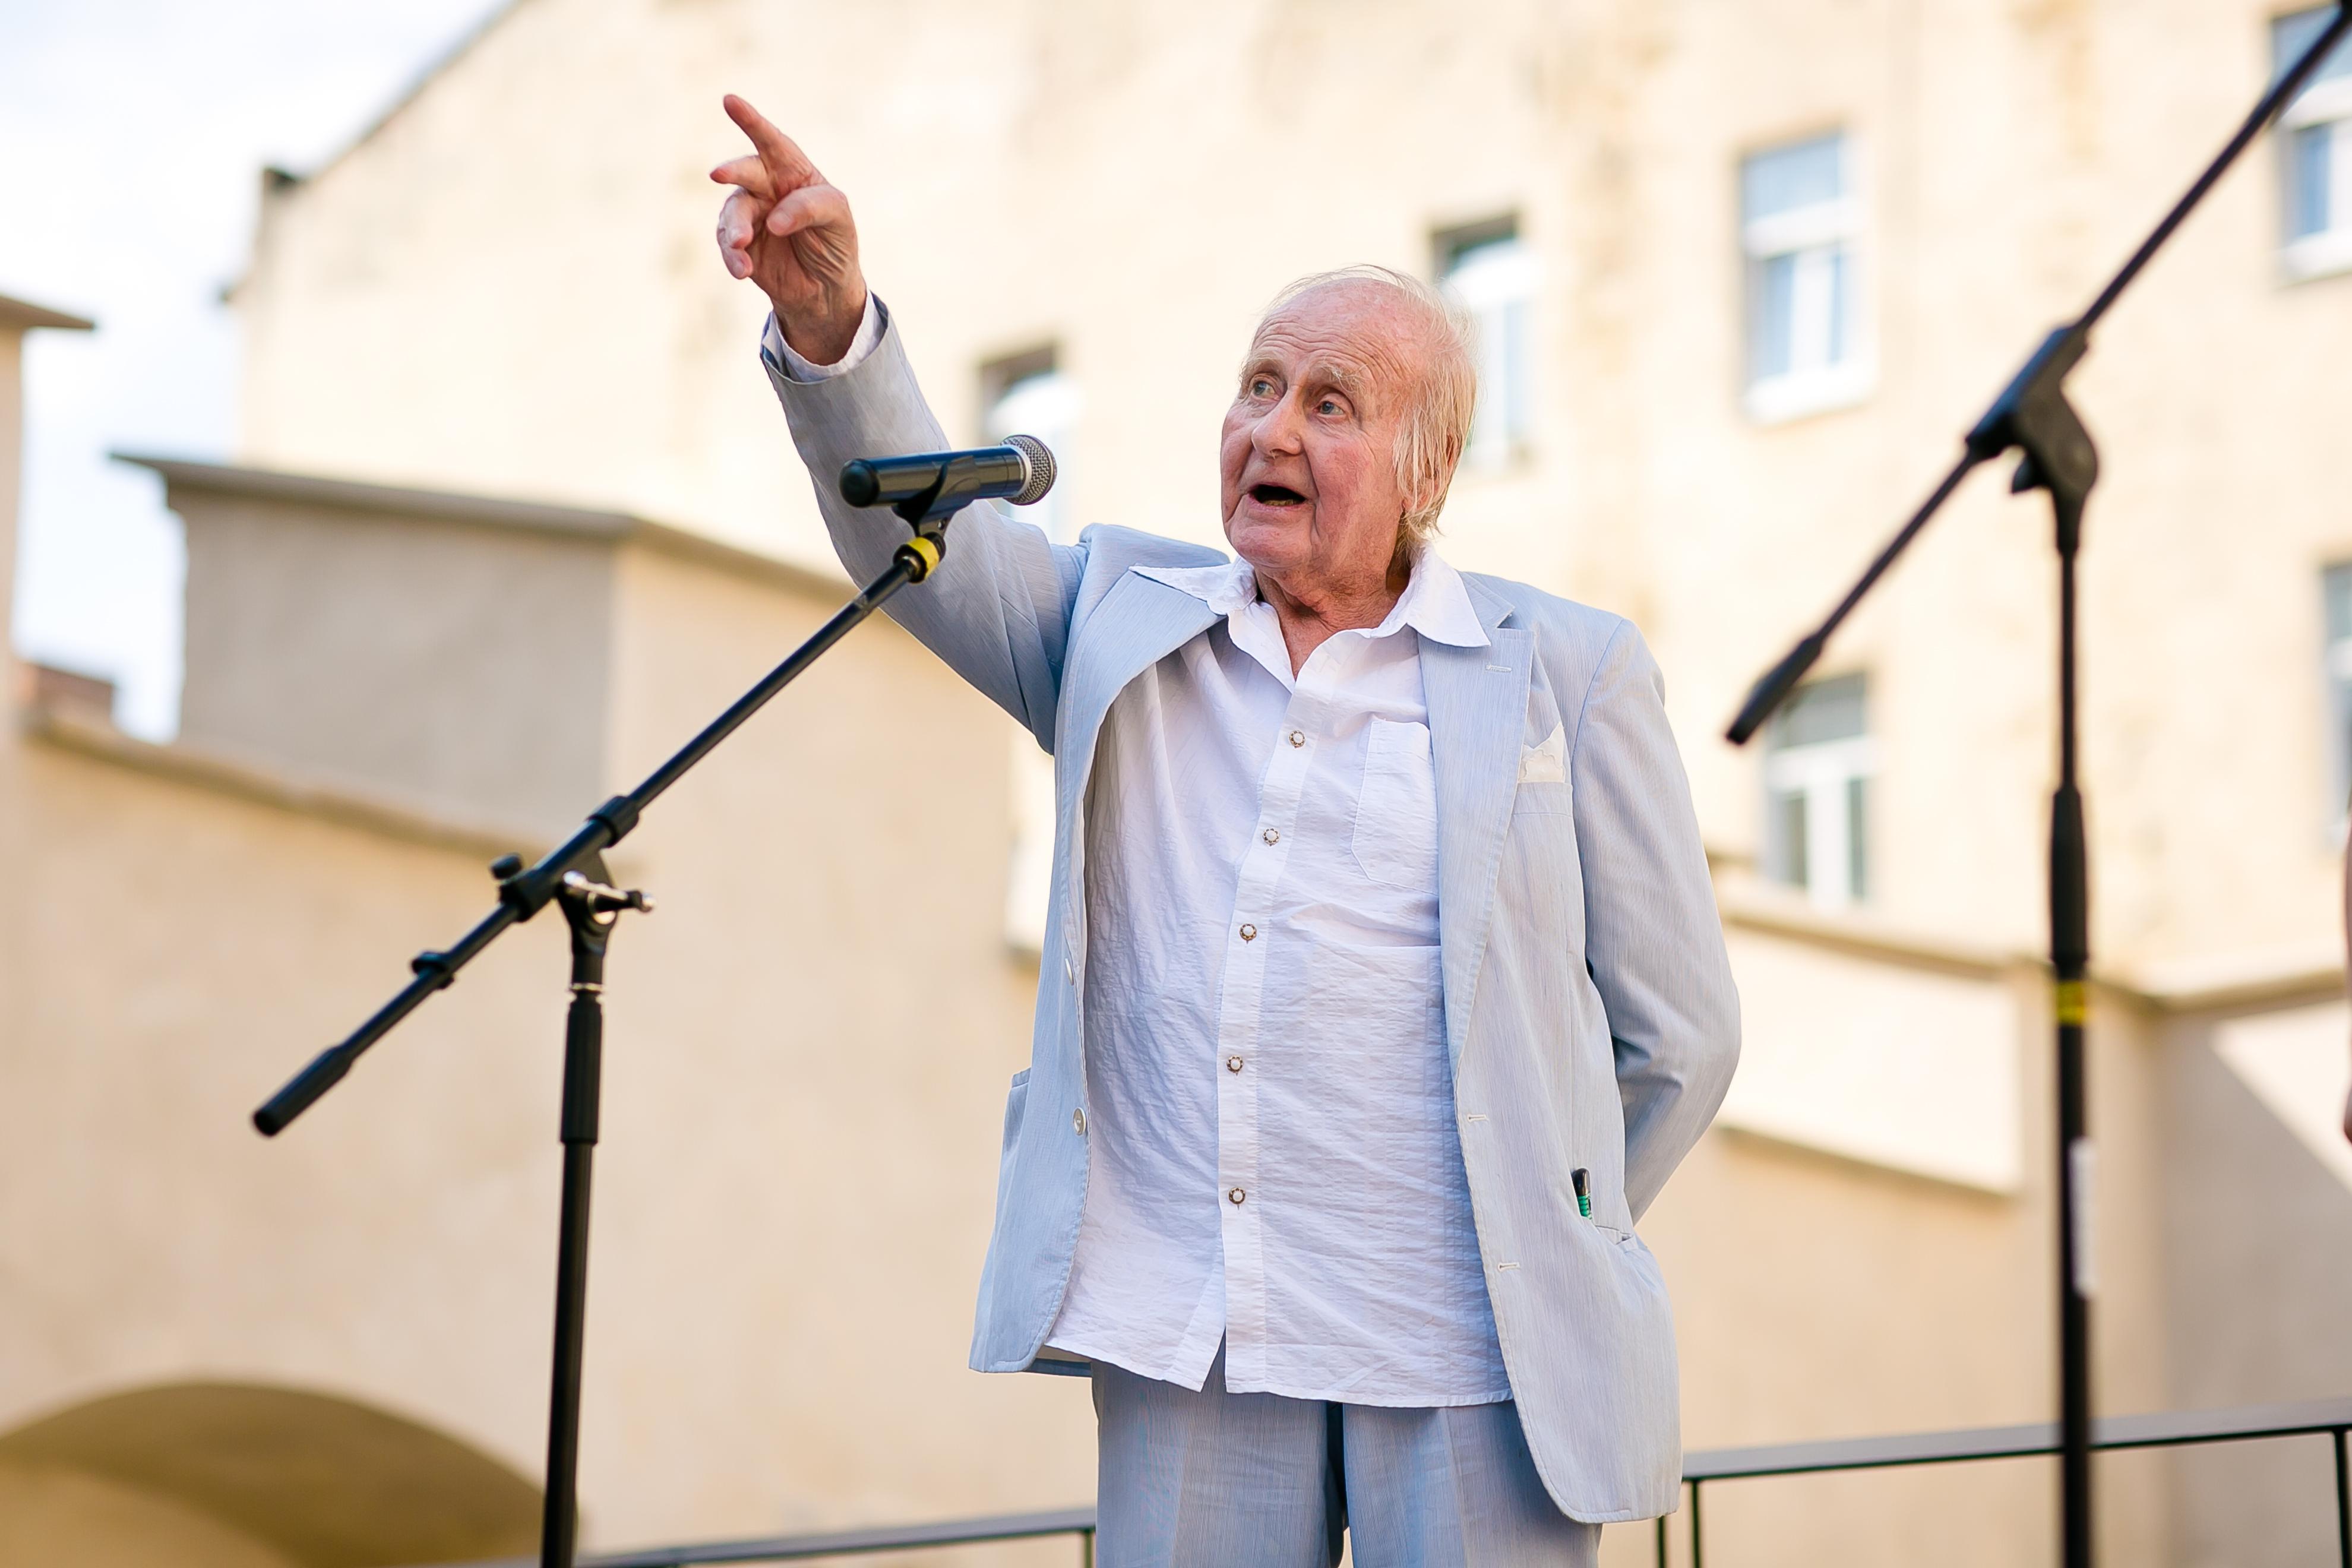 Вулицями втраченого дитинства: Лешек Аллерханд і Голокост у Львові